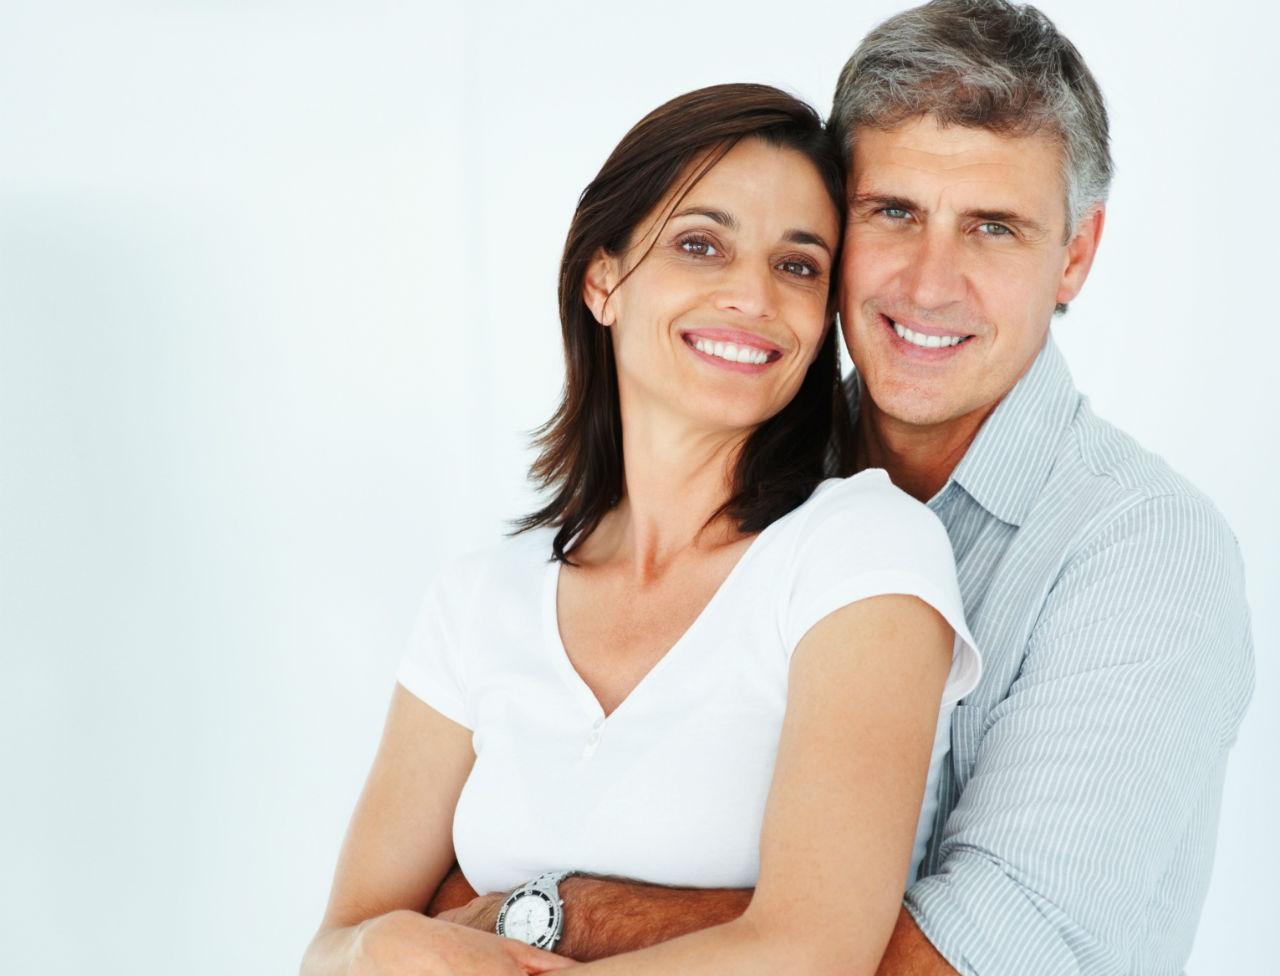 Site coquin : trouver un couple d'adultes libres et consentants